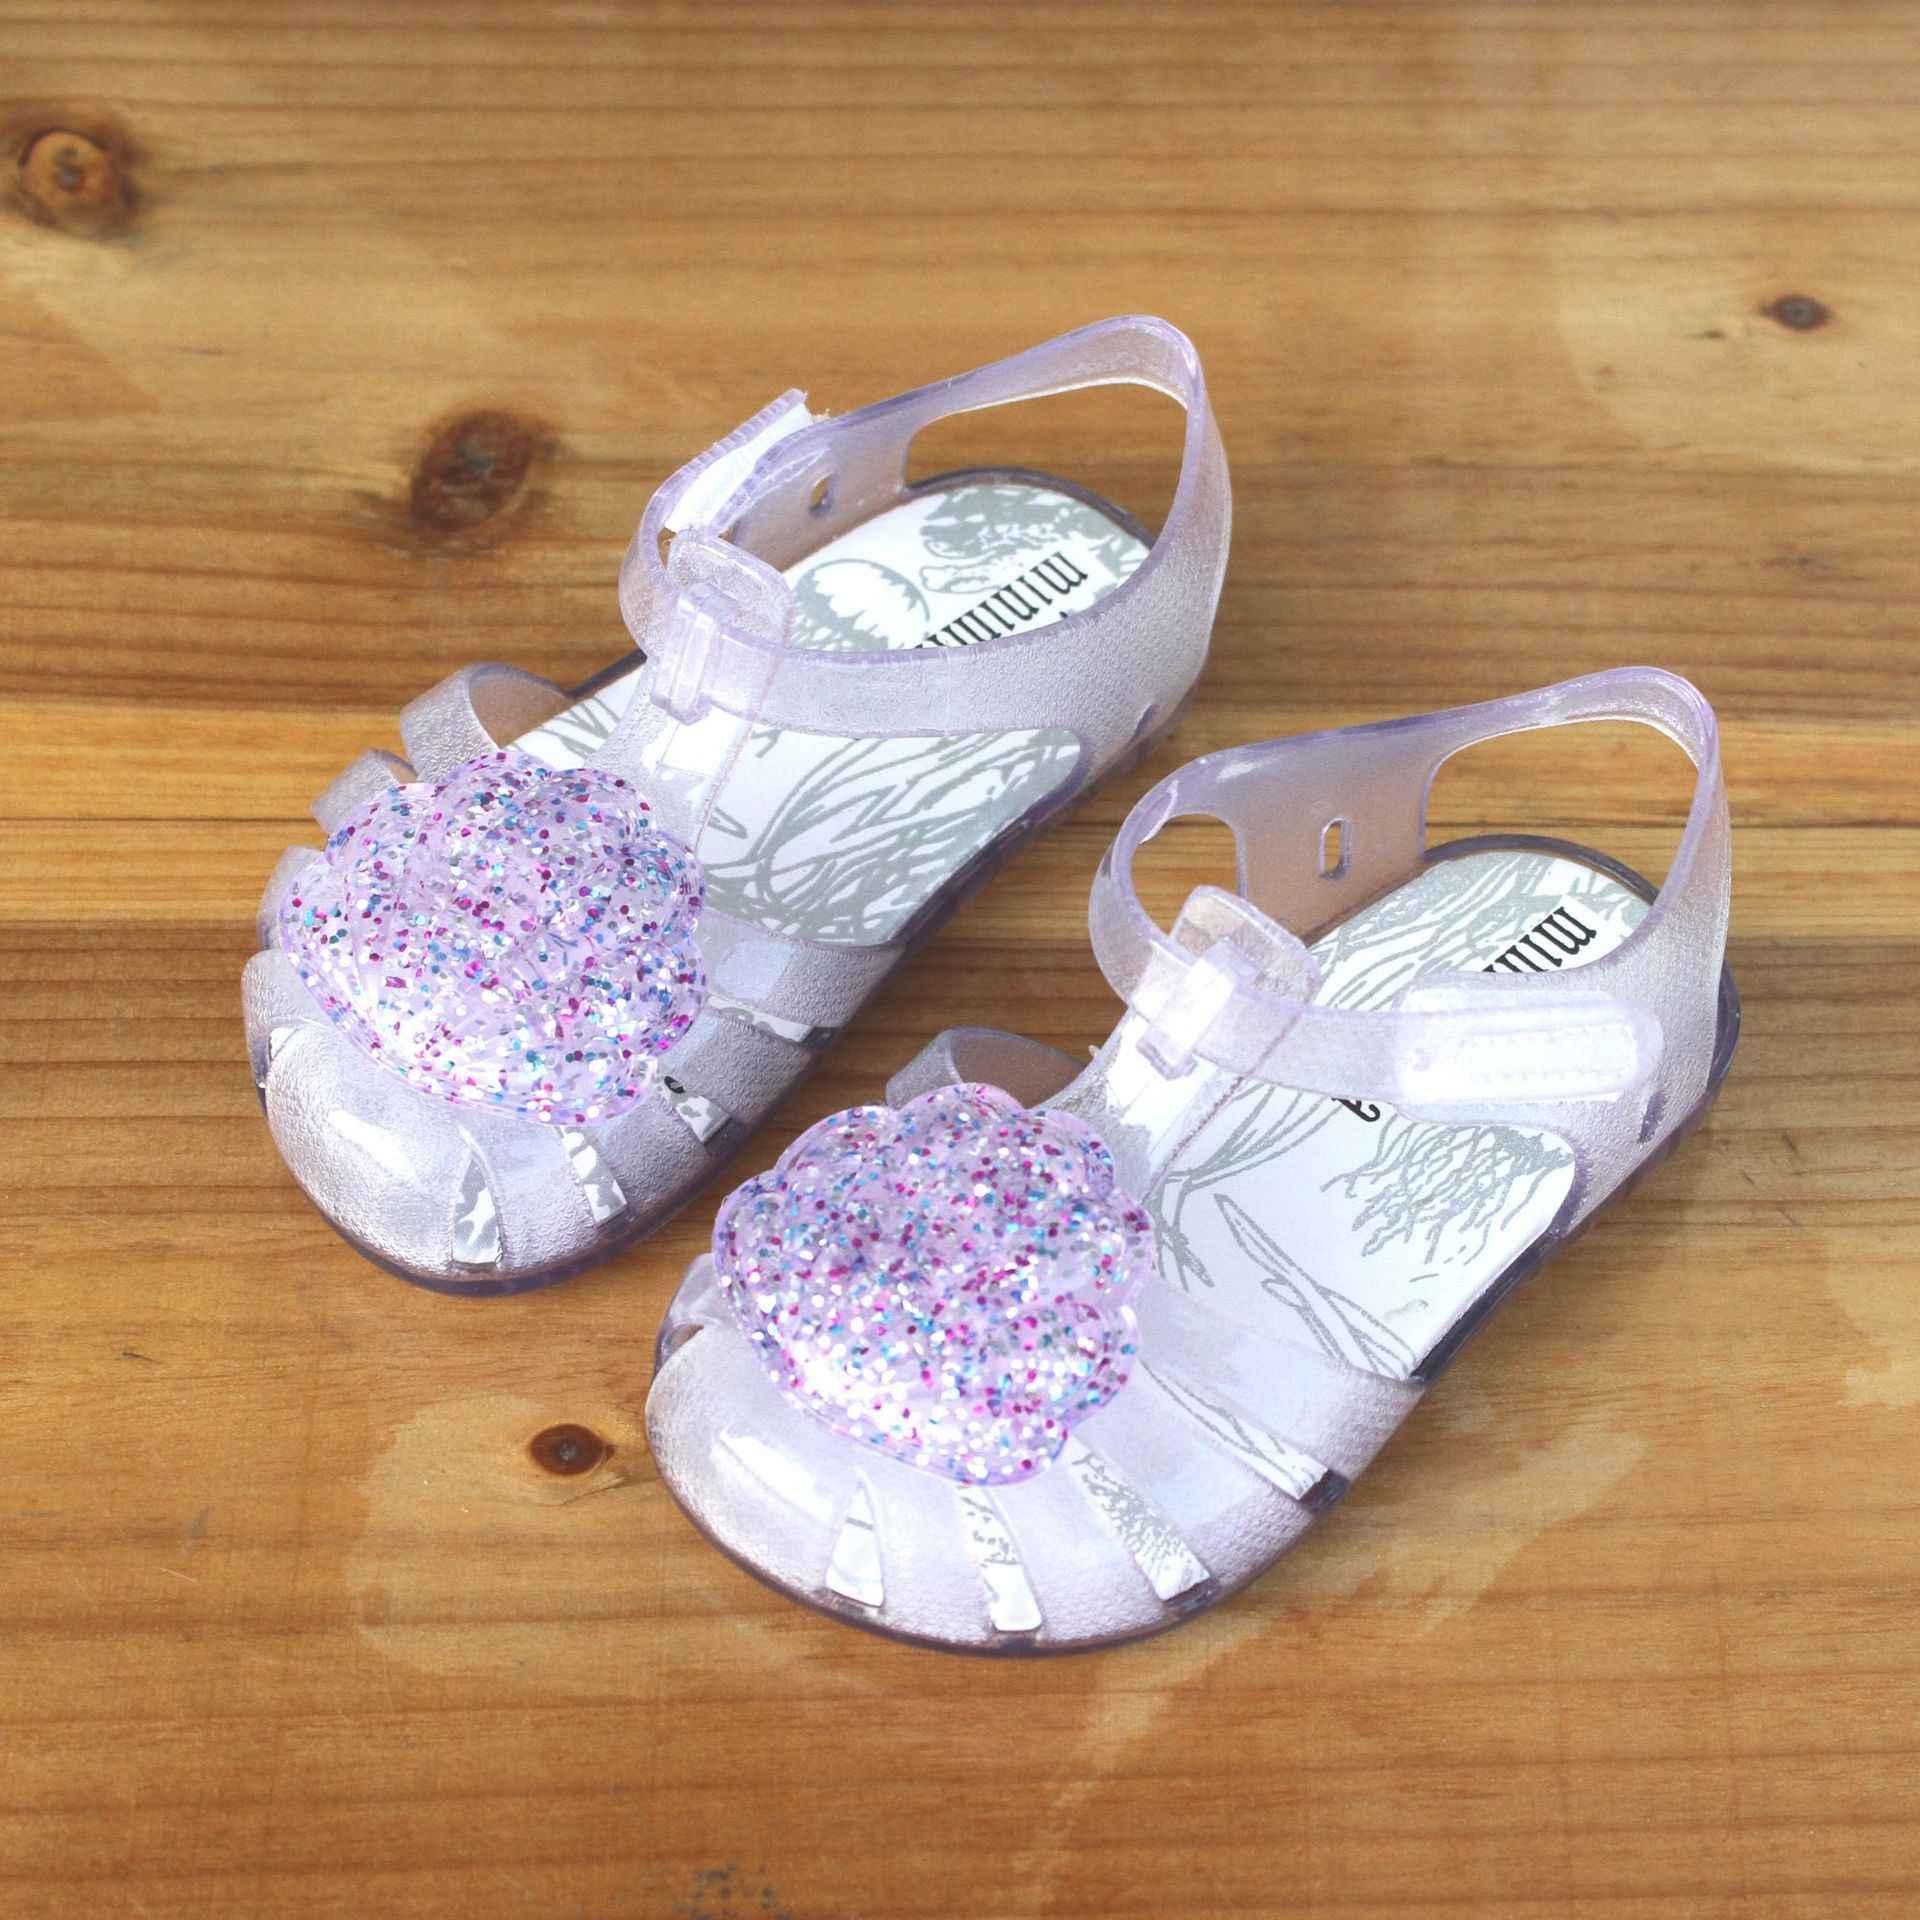 2019 Yeni Varış Çocuklar Mini Jöle Sandalet Bebek Kız Sevimli Kabuk Çocuk Yaz plaj ayakkabısı Infantil Sandalia PVC Baotou